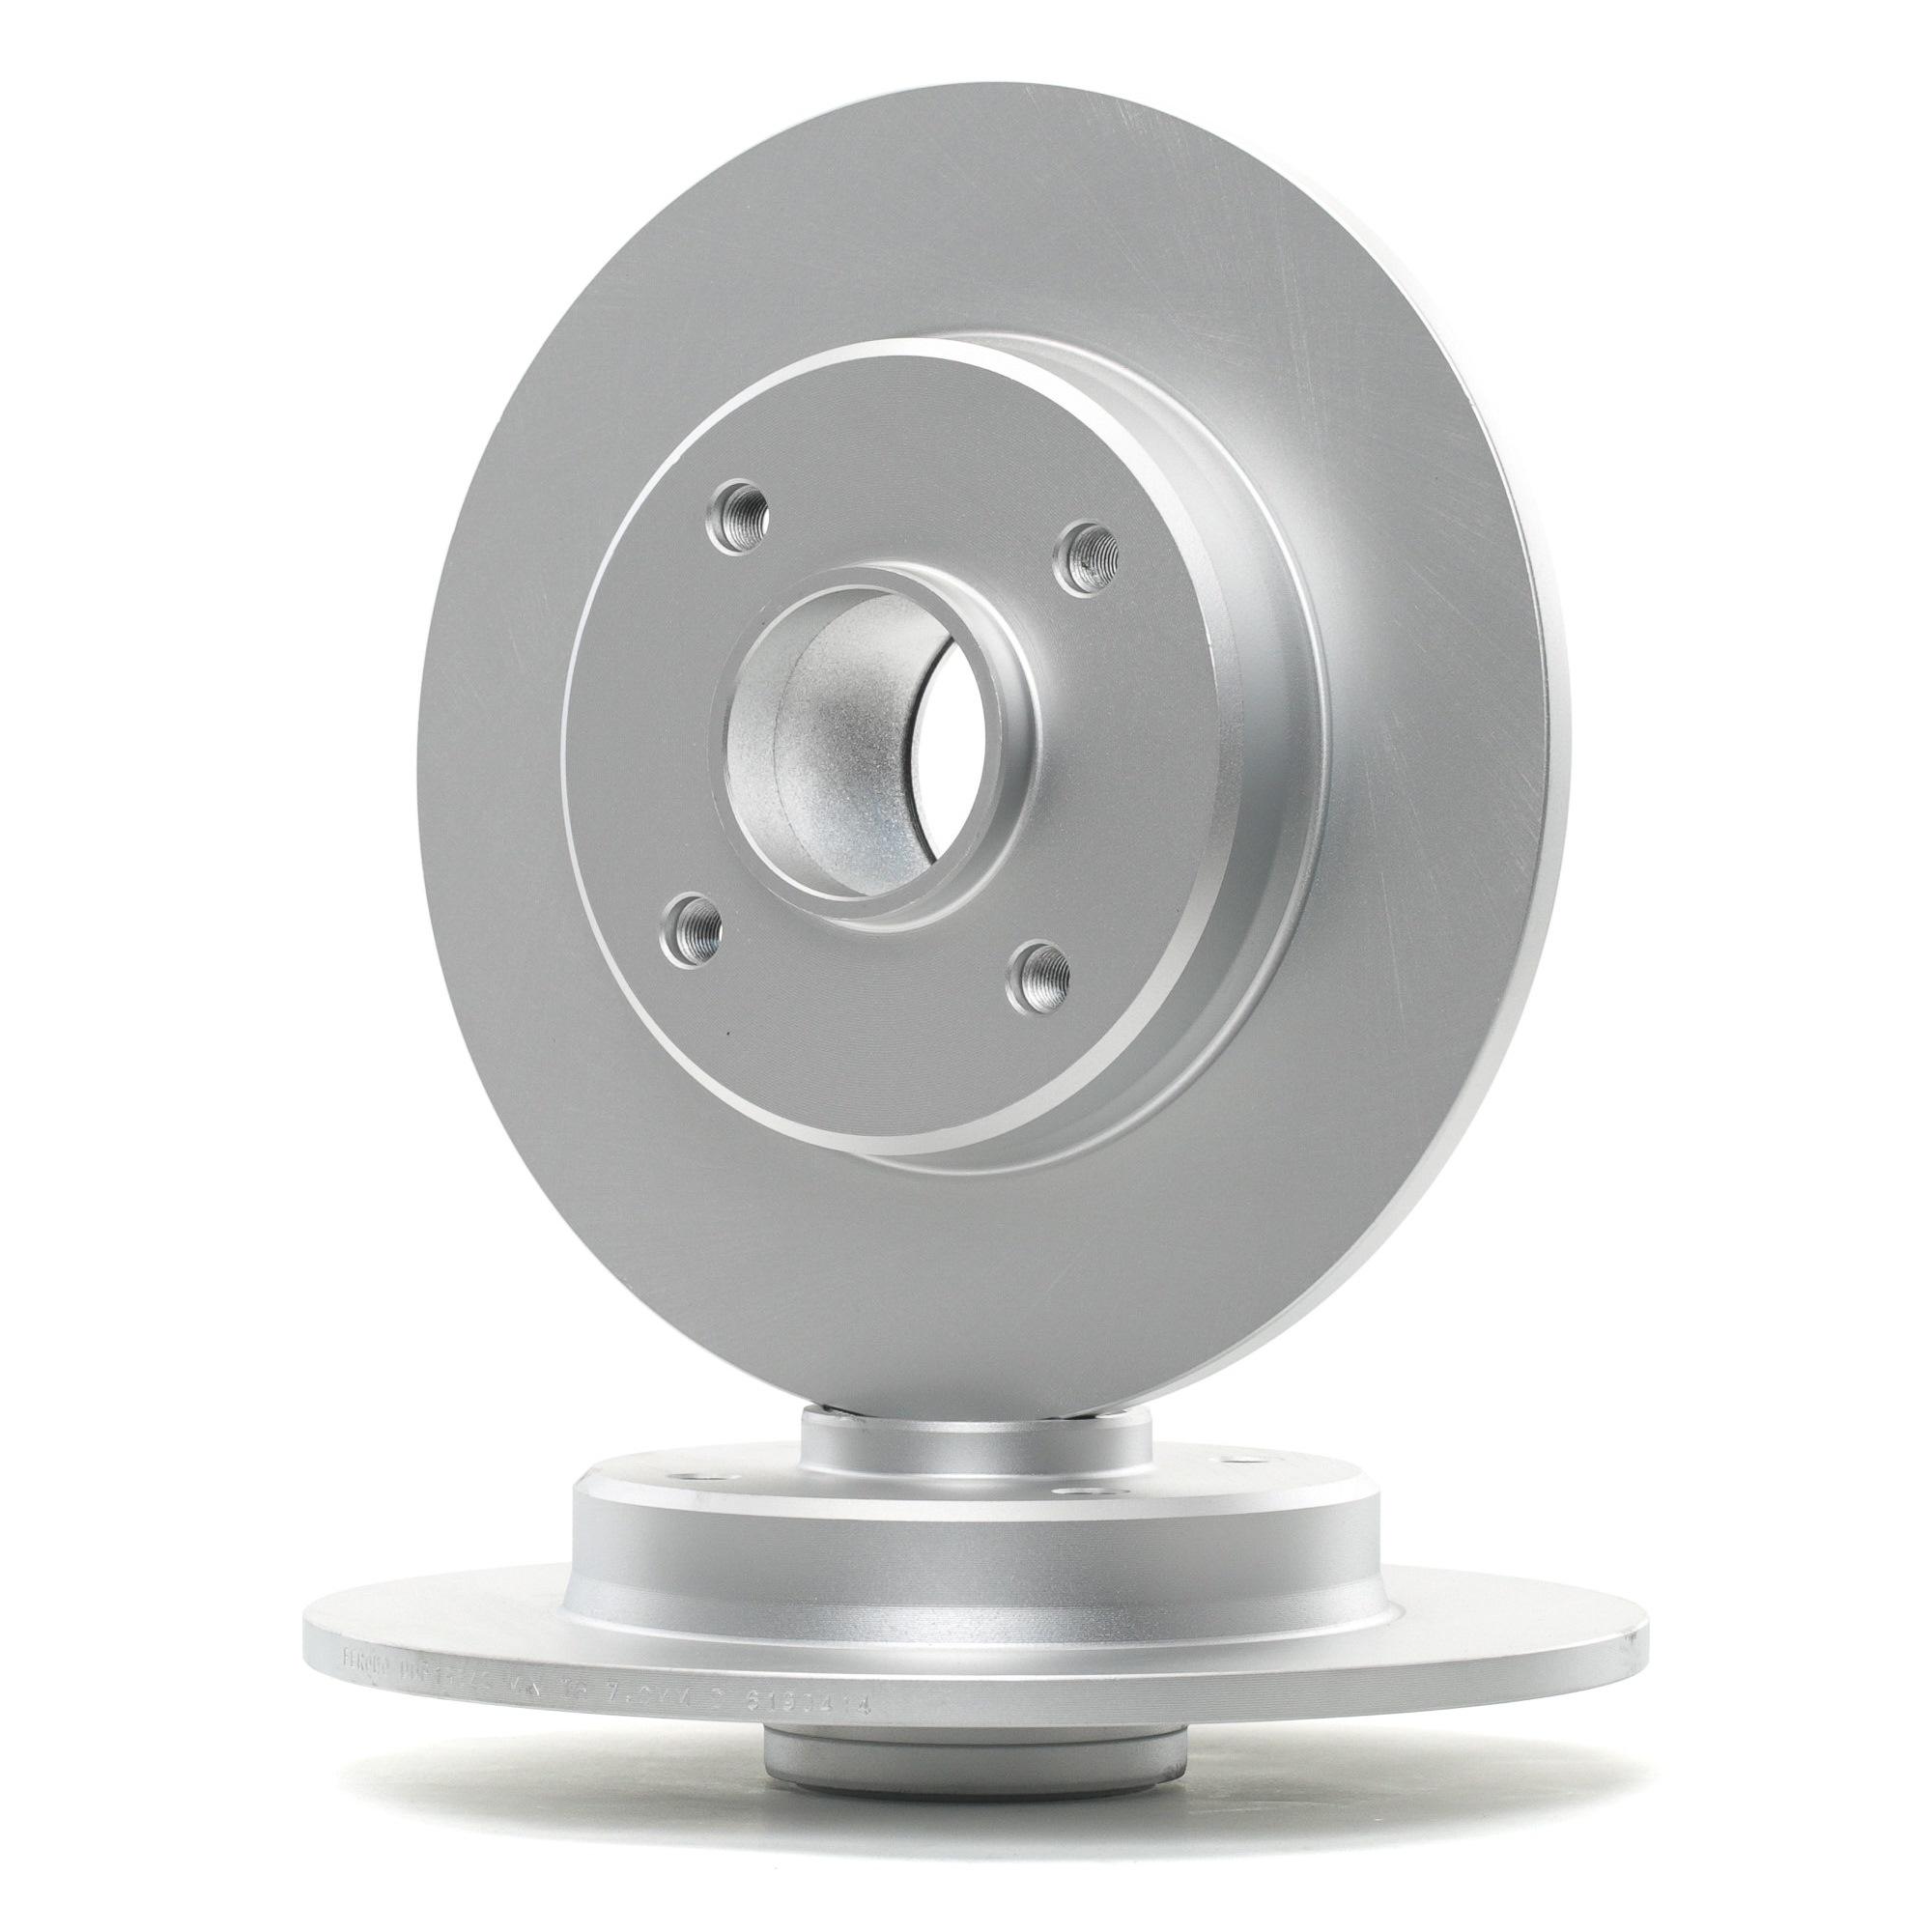 Achetez Disque de frein FERODO DDF1564C-1 (Ø: 249mm, Nbre de trous: 4, Épaisseur du disque de frein: 9mm) à un rapport qualité-prix exceptionnel